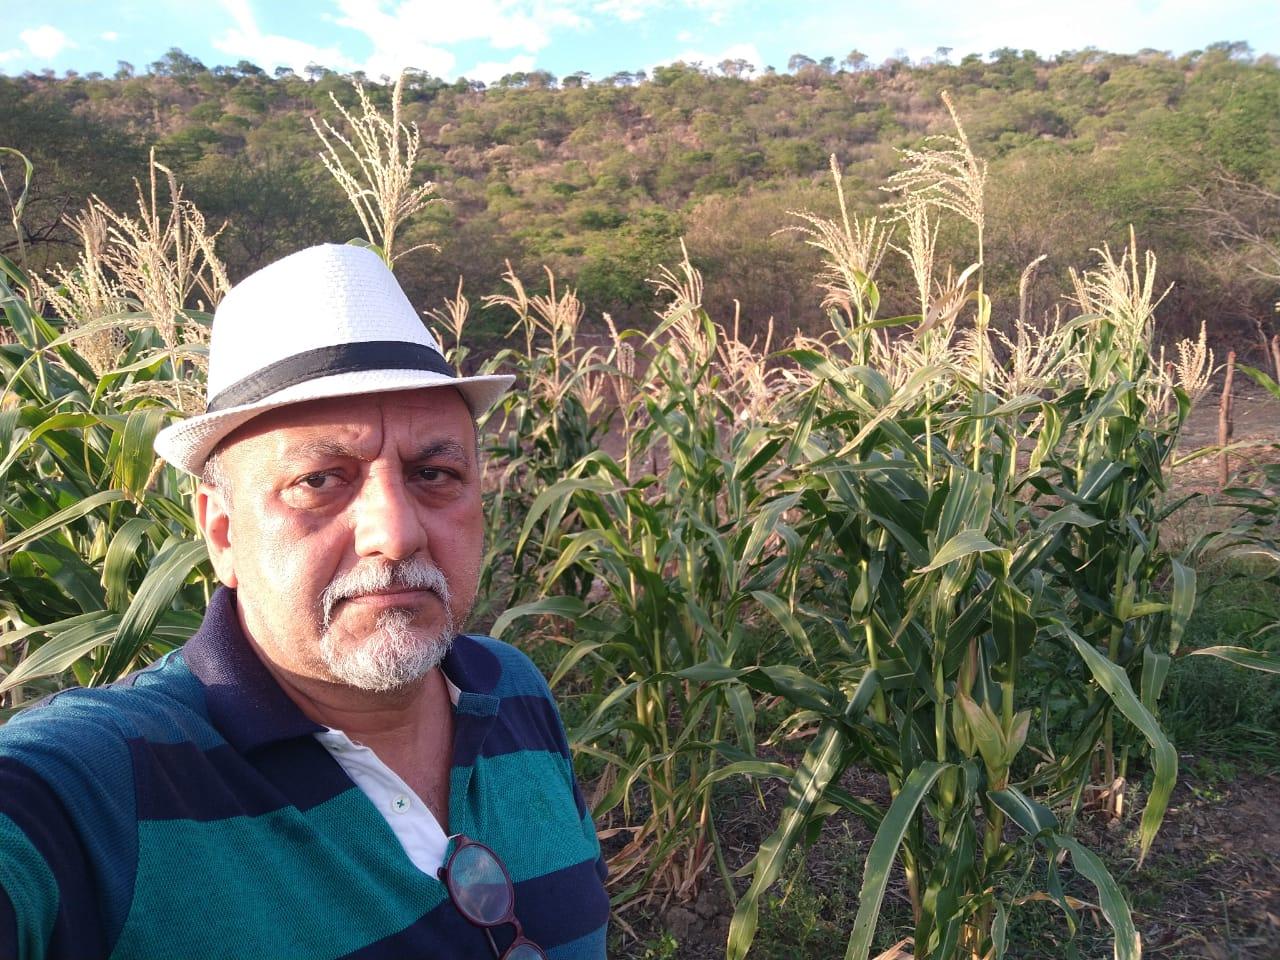 Vereador Zé Gonçalves esclarece que comporta do Açude Capoeira são abertas duas vezes durante o mês